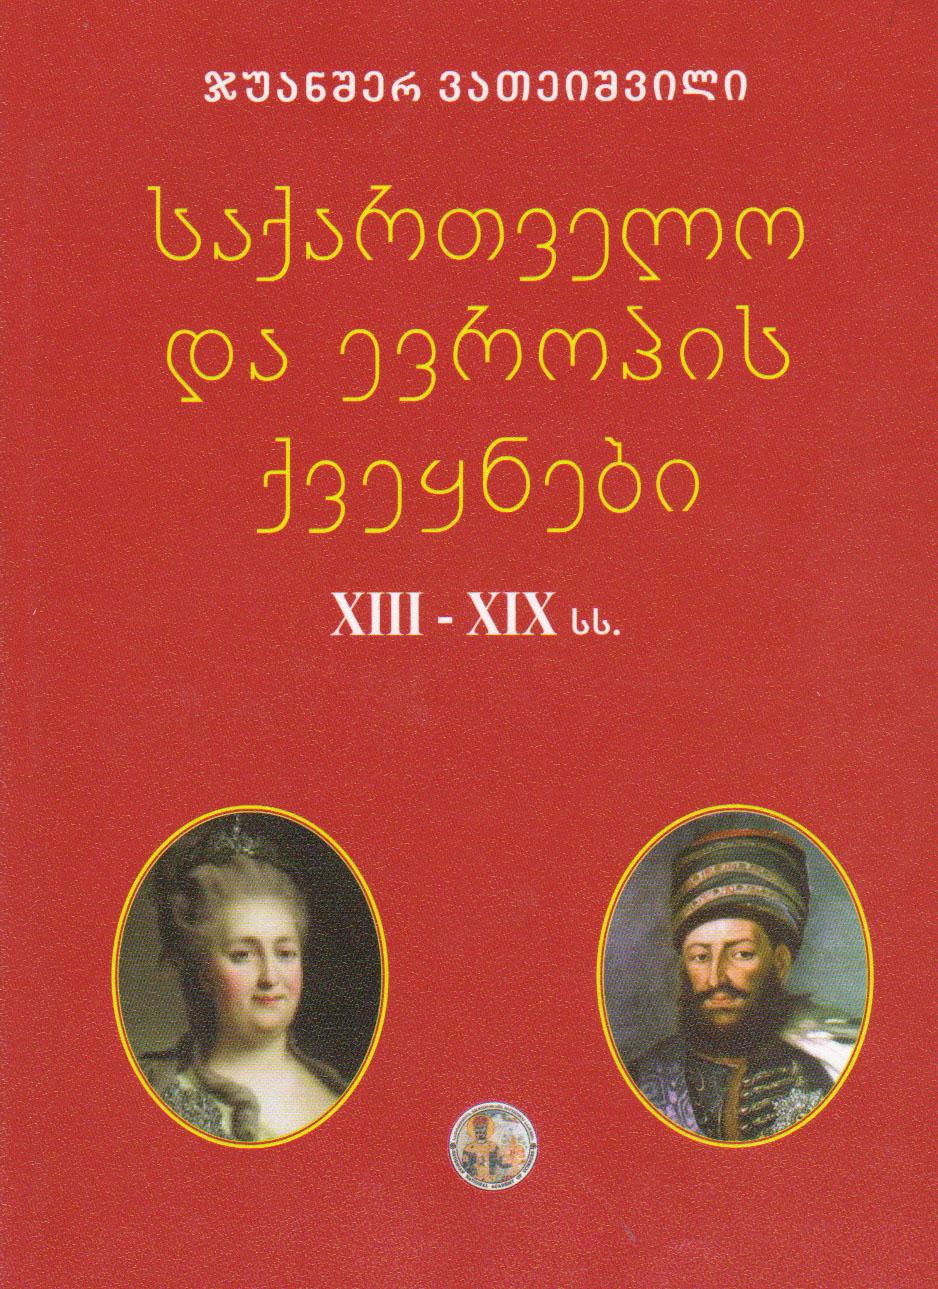 ვათეიშვილი, ჯუანშერ – საქართველო და ევროპის ქვეყნები: XIII-XIX სს. ურთიერთობათა ისტორიის ნარკვევები: შვიდ ტომად